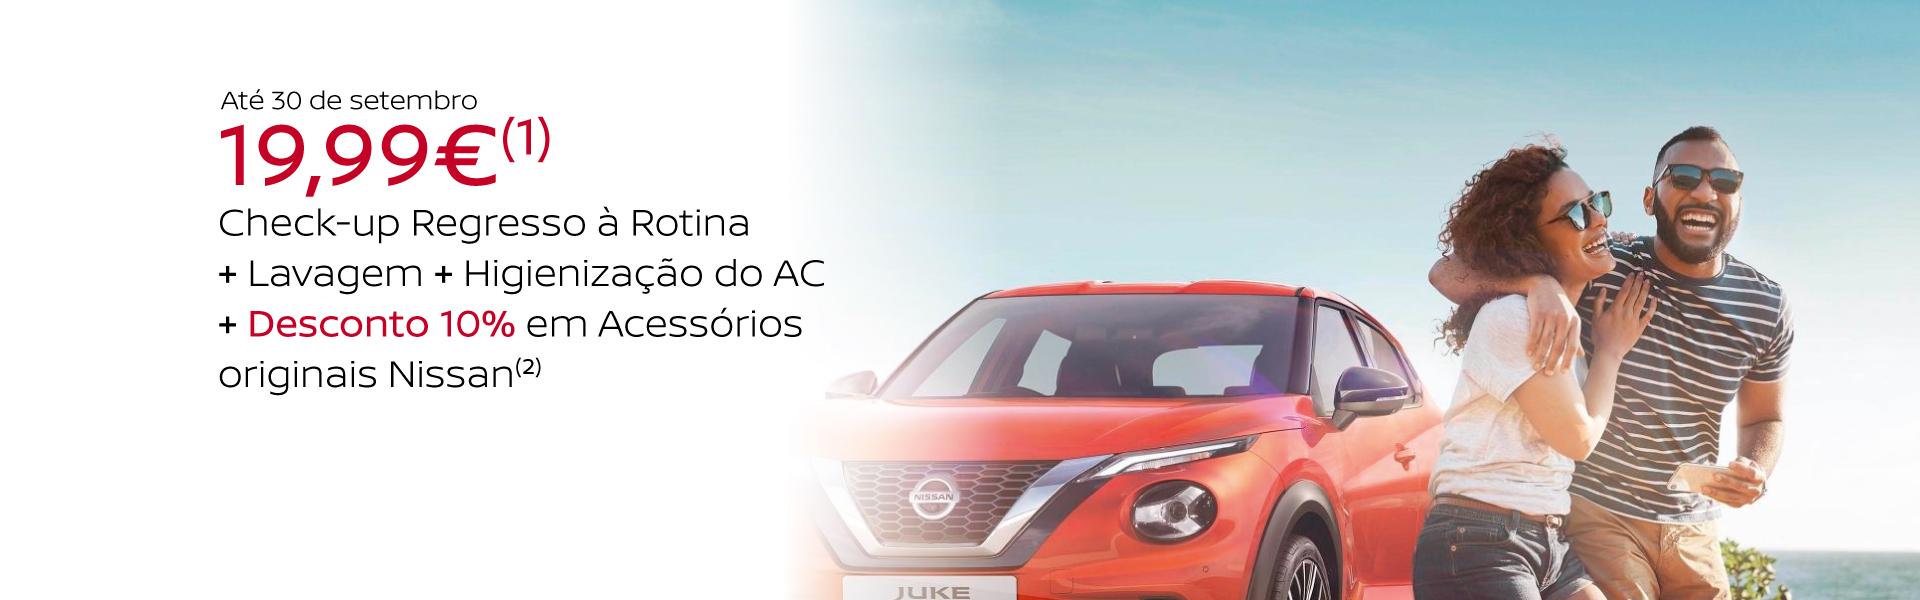 Campanha do Nissan